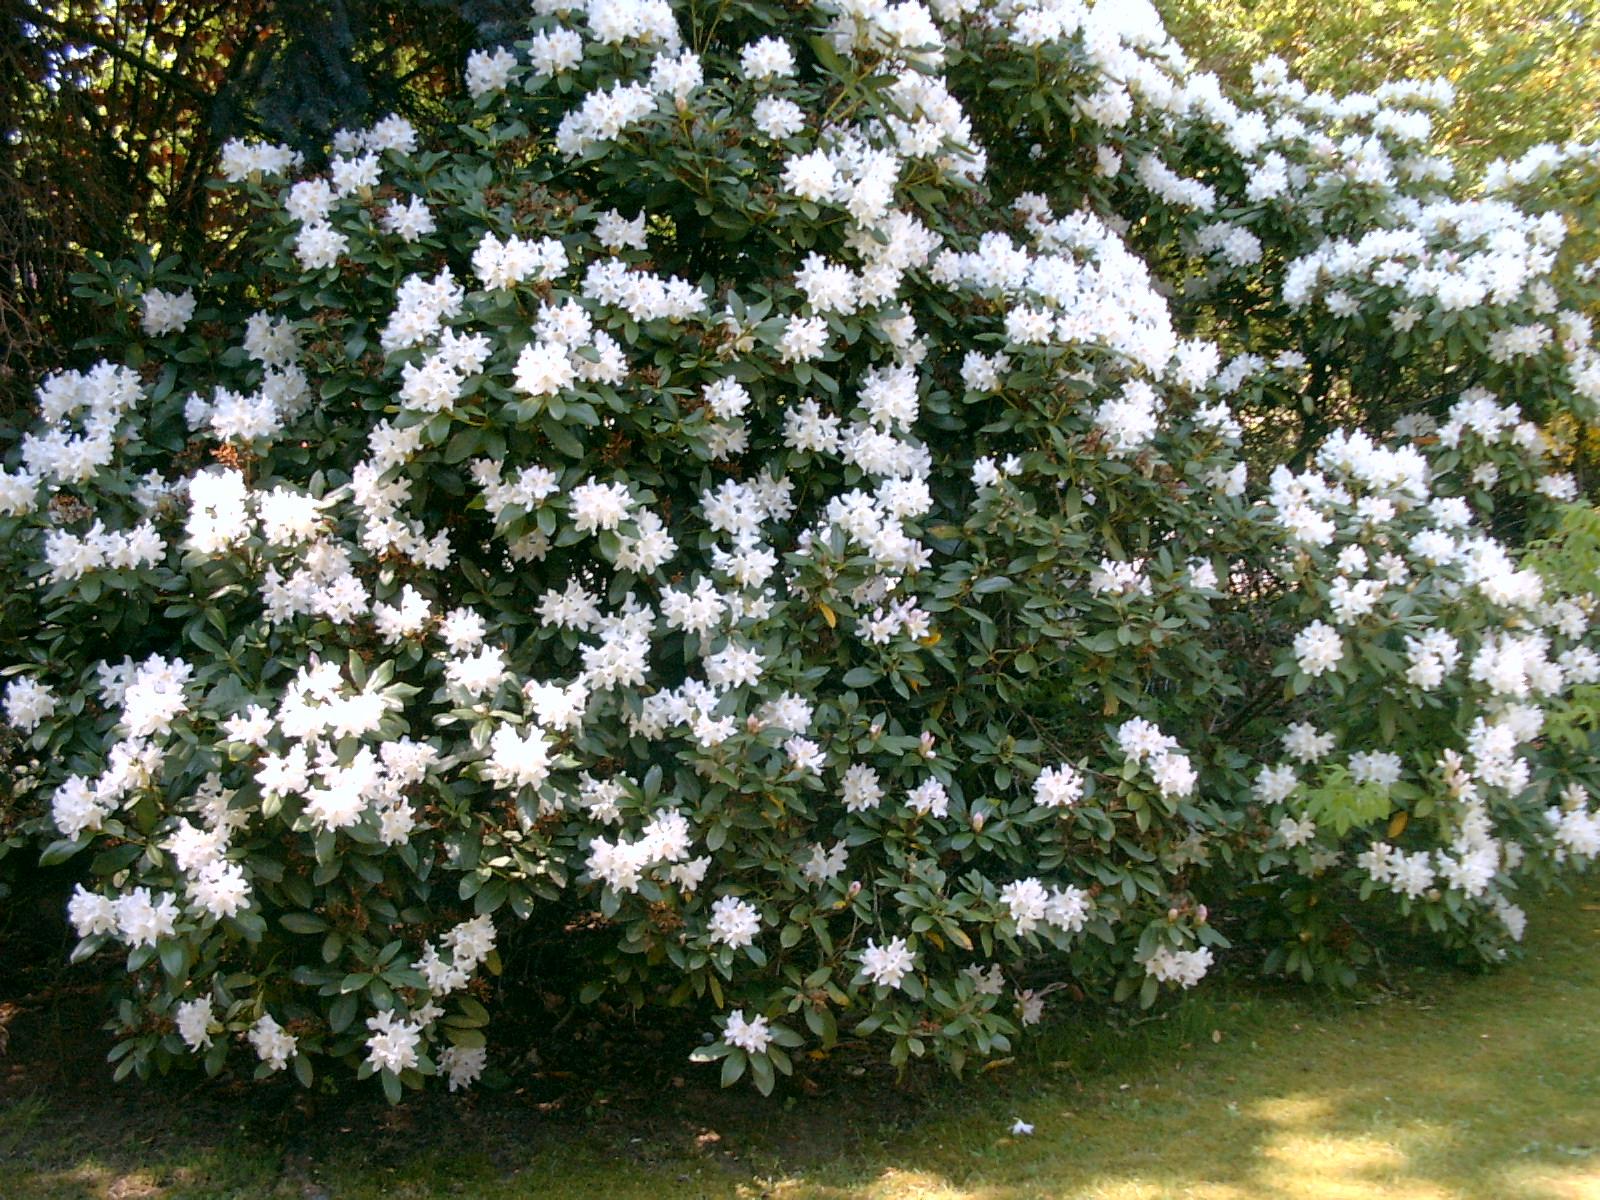 mein rhododendron bl ht seit 2 tagen haus garten forum. Black Bedroom Furniture Sets. Home Design Ideas